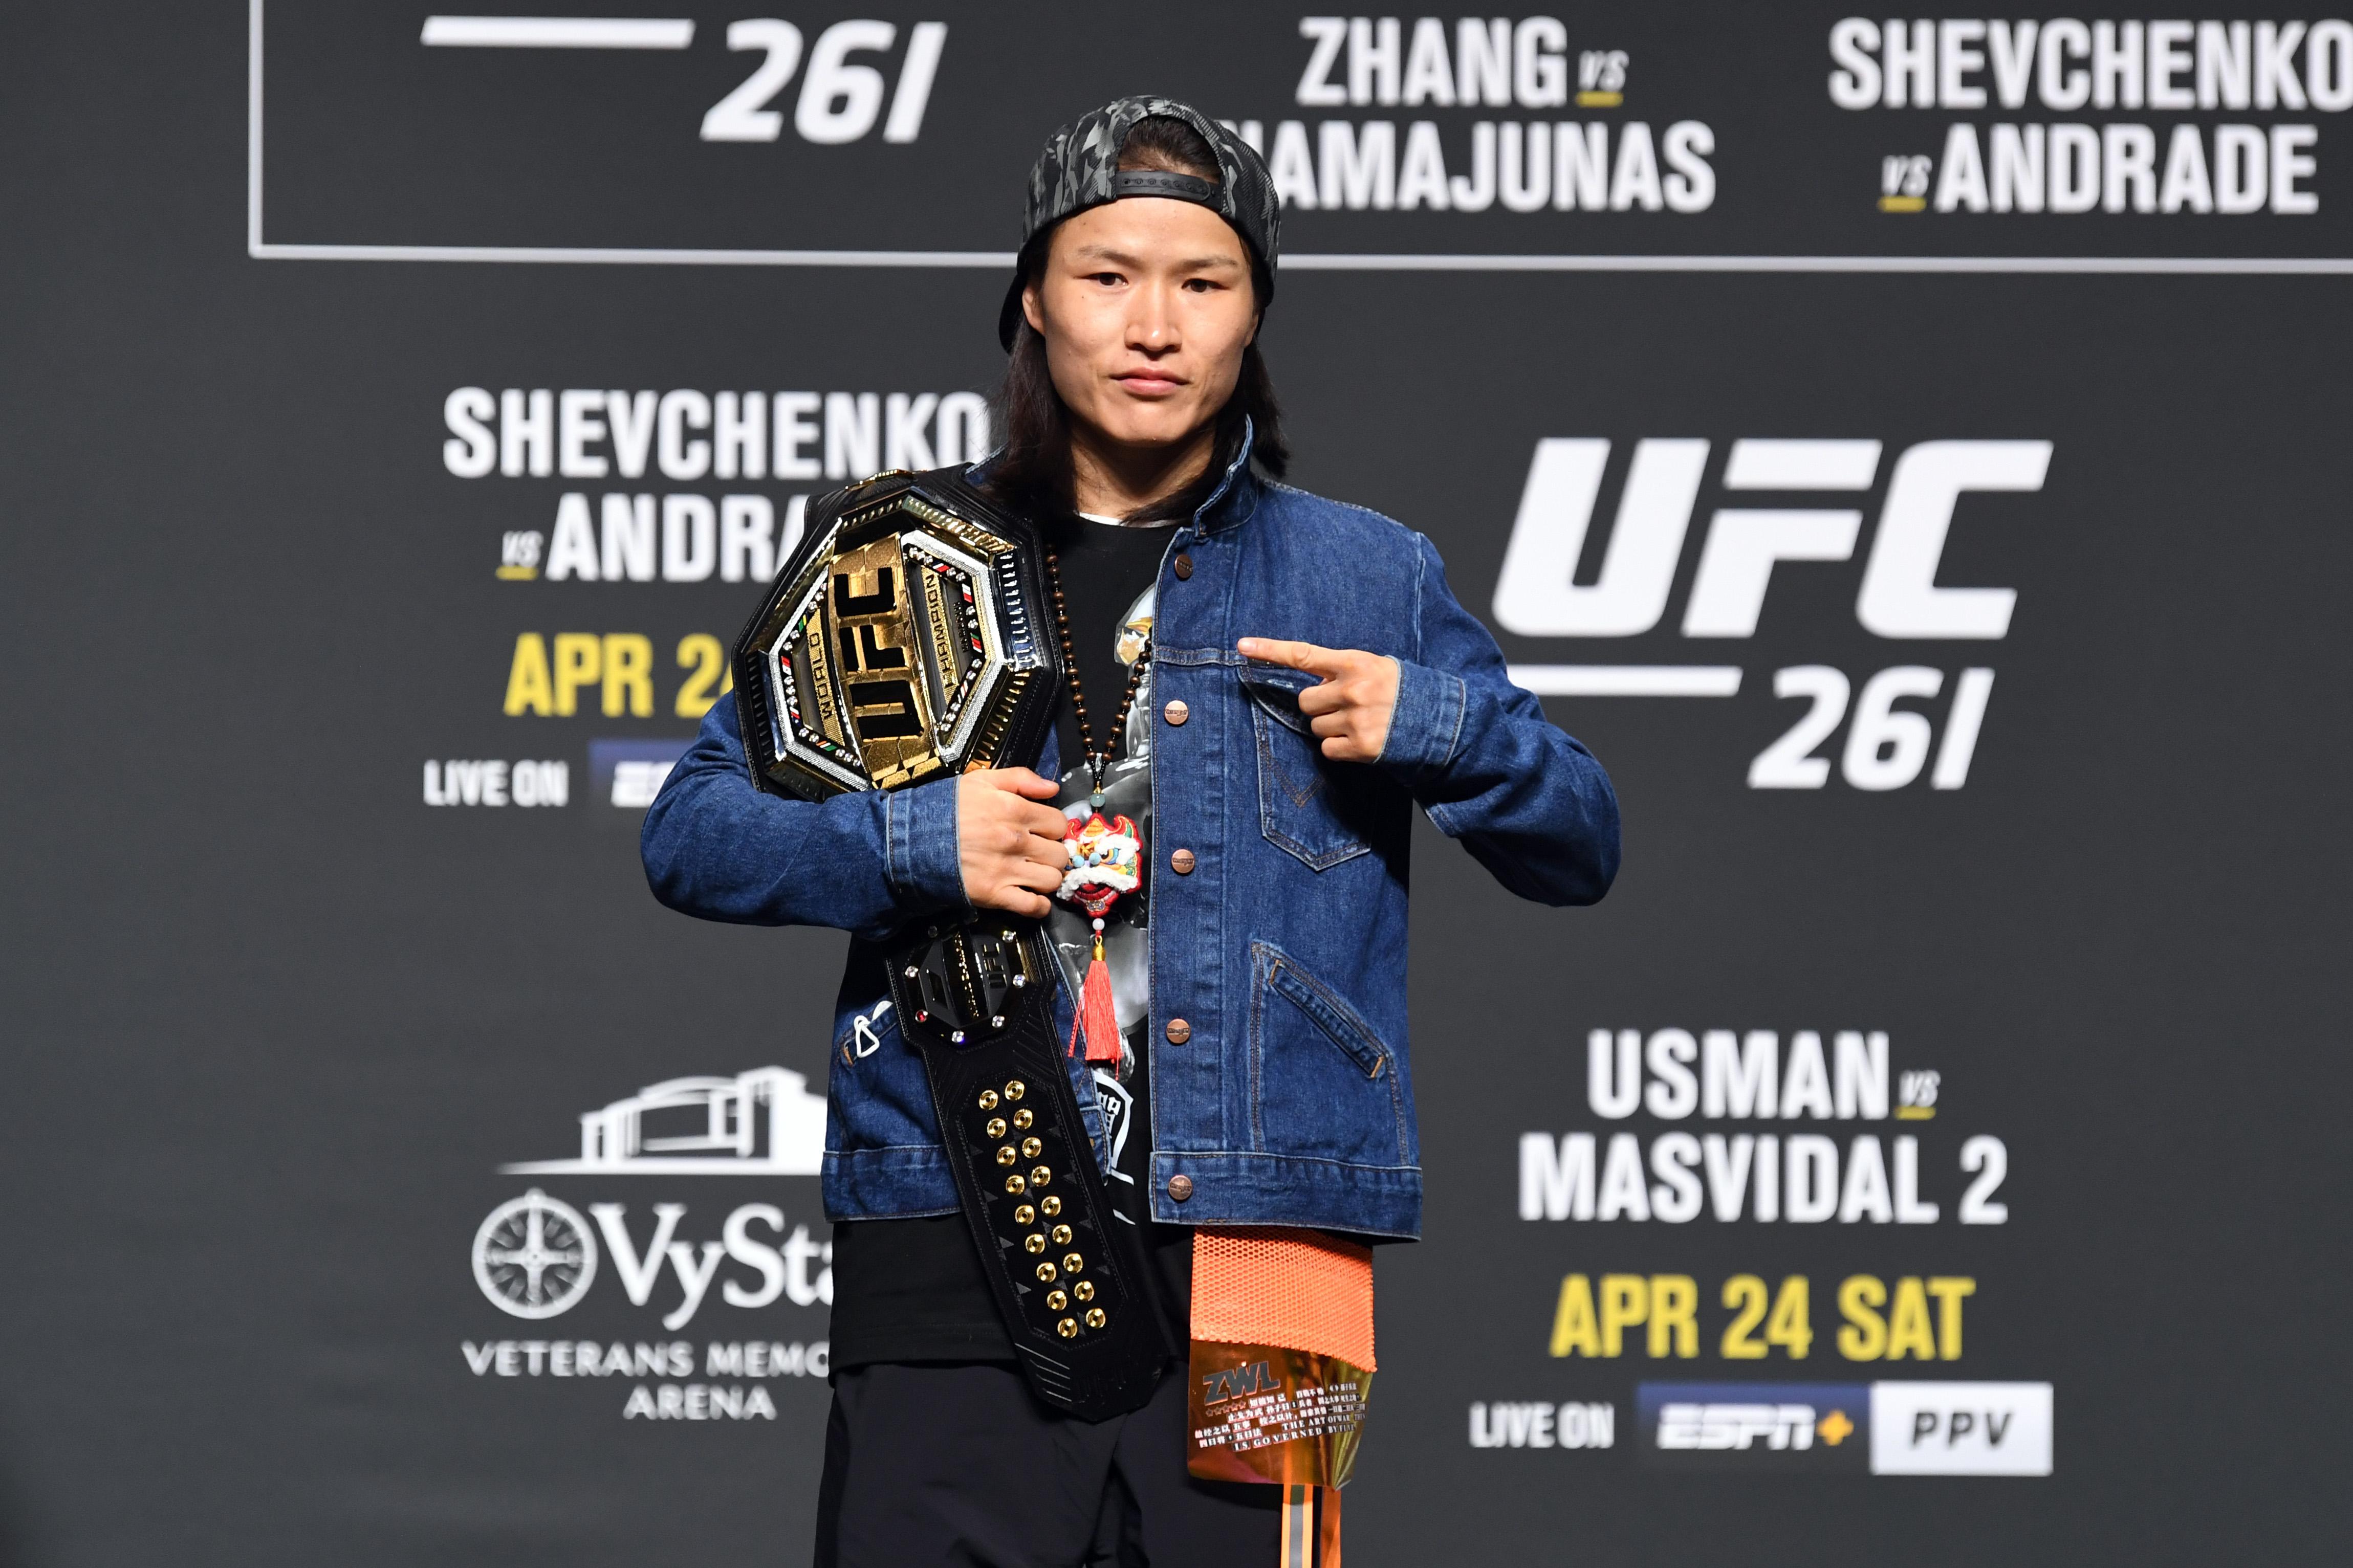 2021年4月22日,在佛罗里达州杰克逊维尔市VyStar老兵纪念体育馆举行的UFC 261新闻发布会上,中国UFC女子稻草重量冠军张伟丽在媒体面前摆姿势。